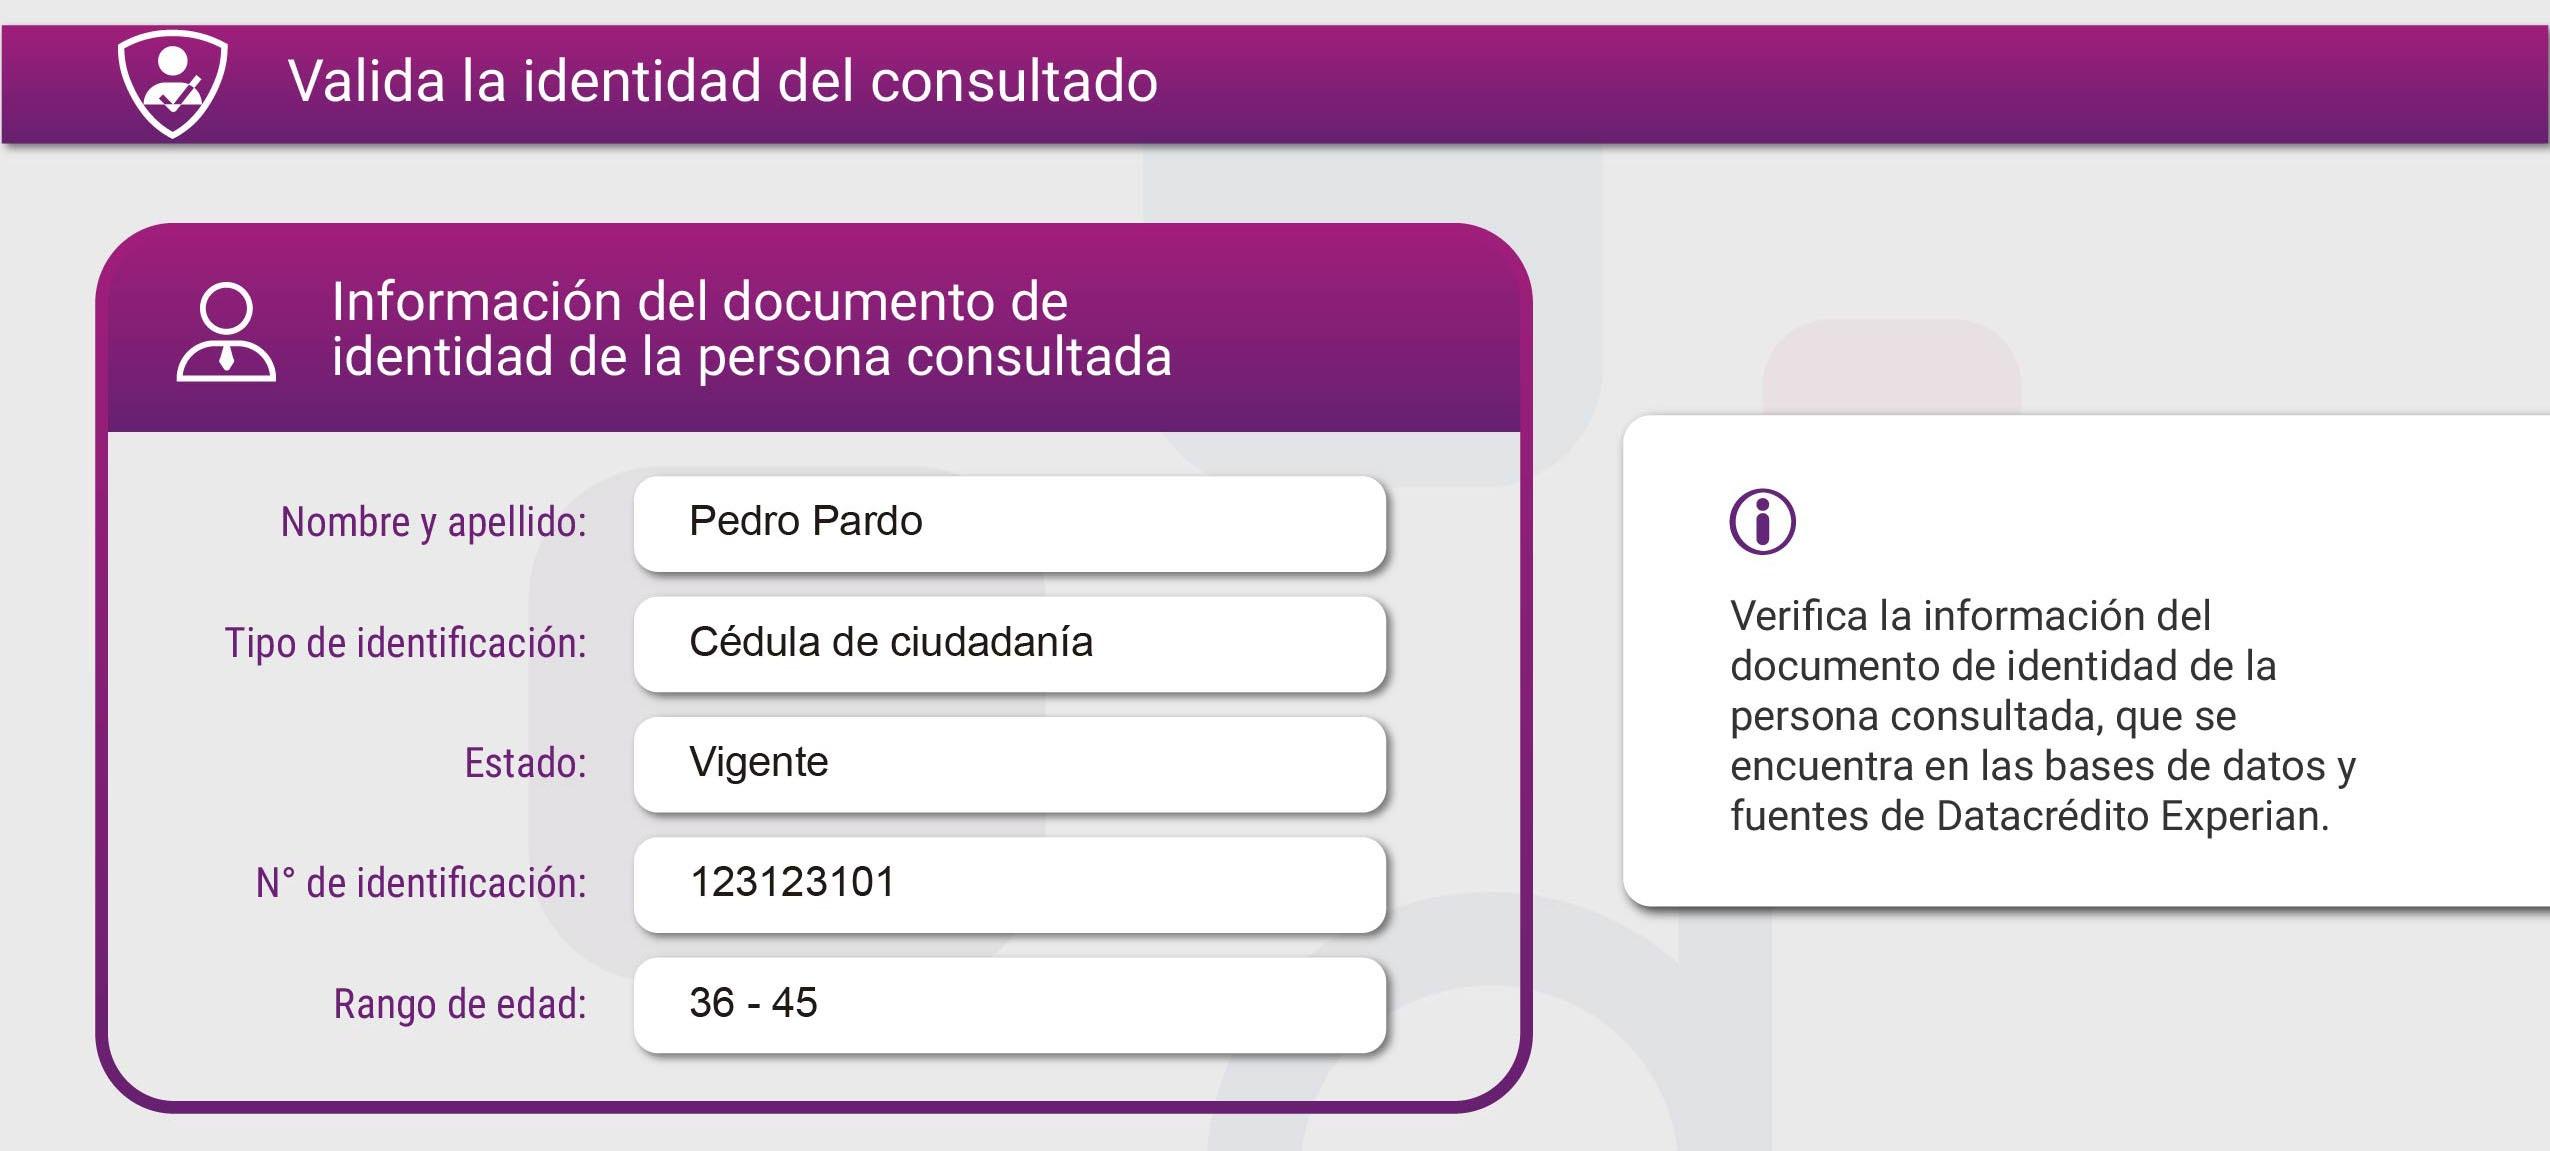 https://www.datacreditoempresas.com.co/wp-content/uploads/2021/04/MiDecisor-PN_01.jpg